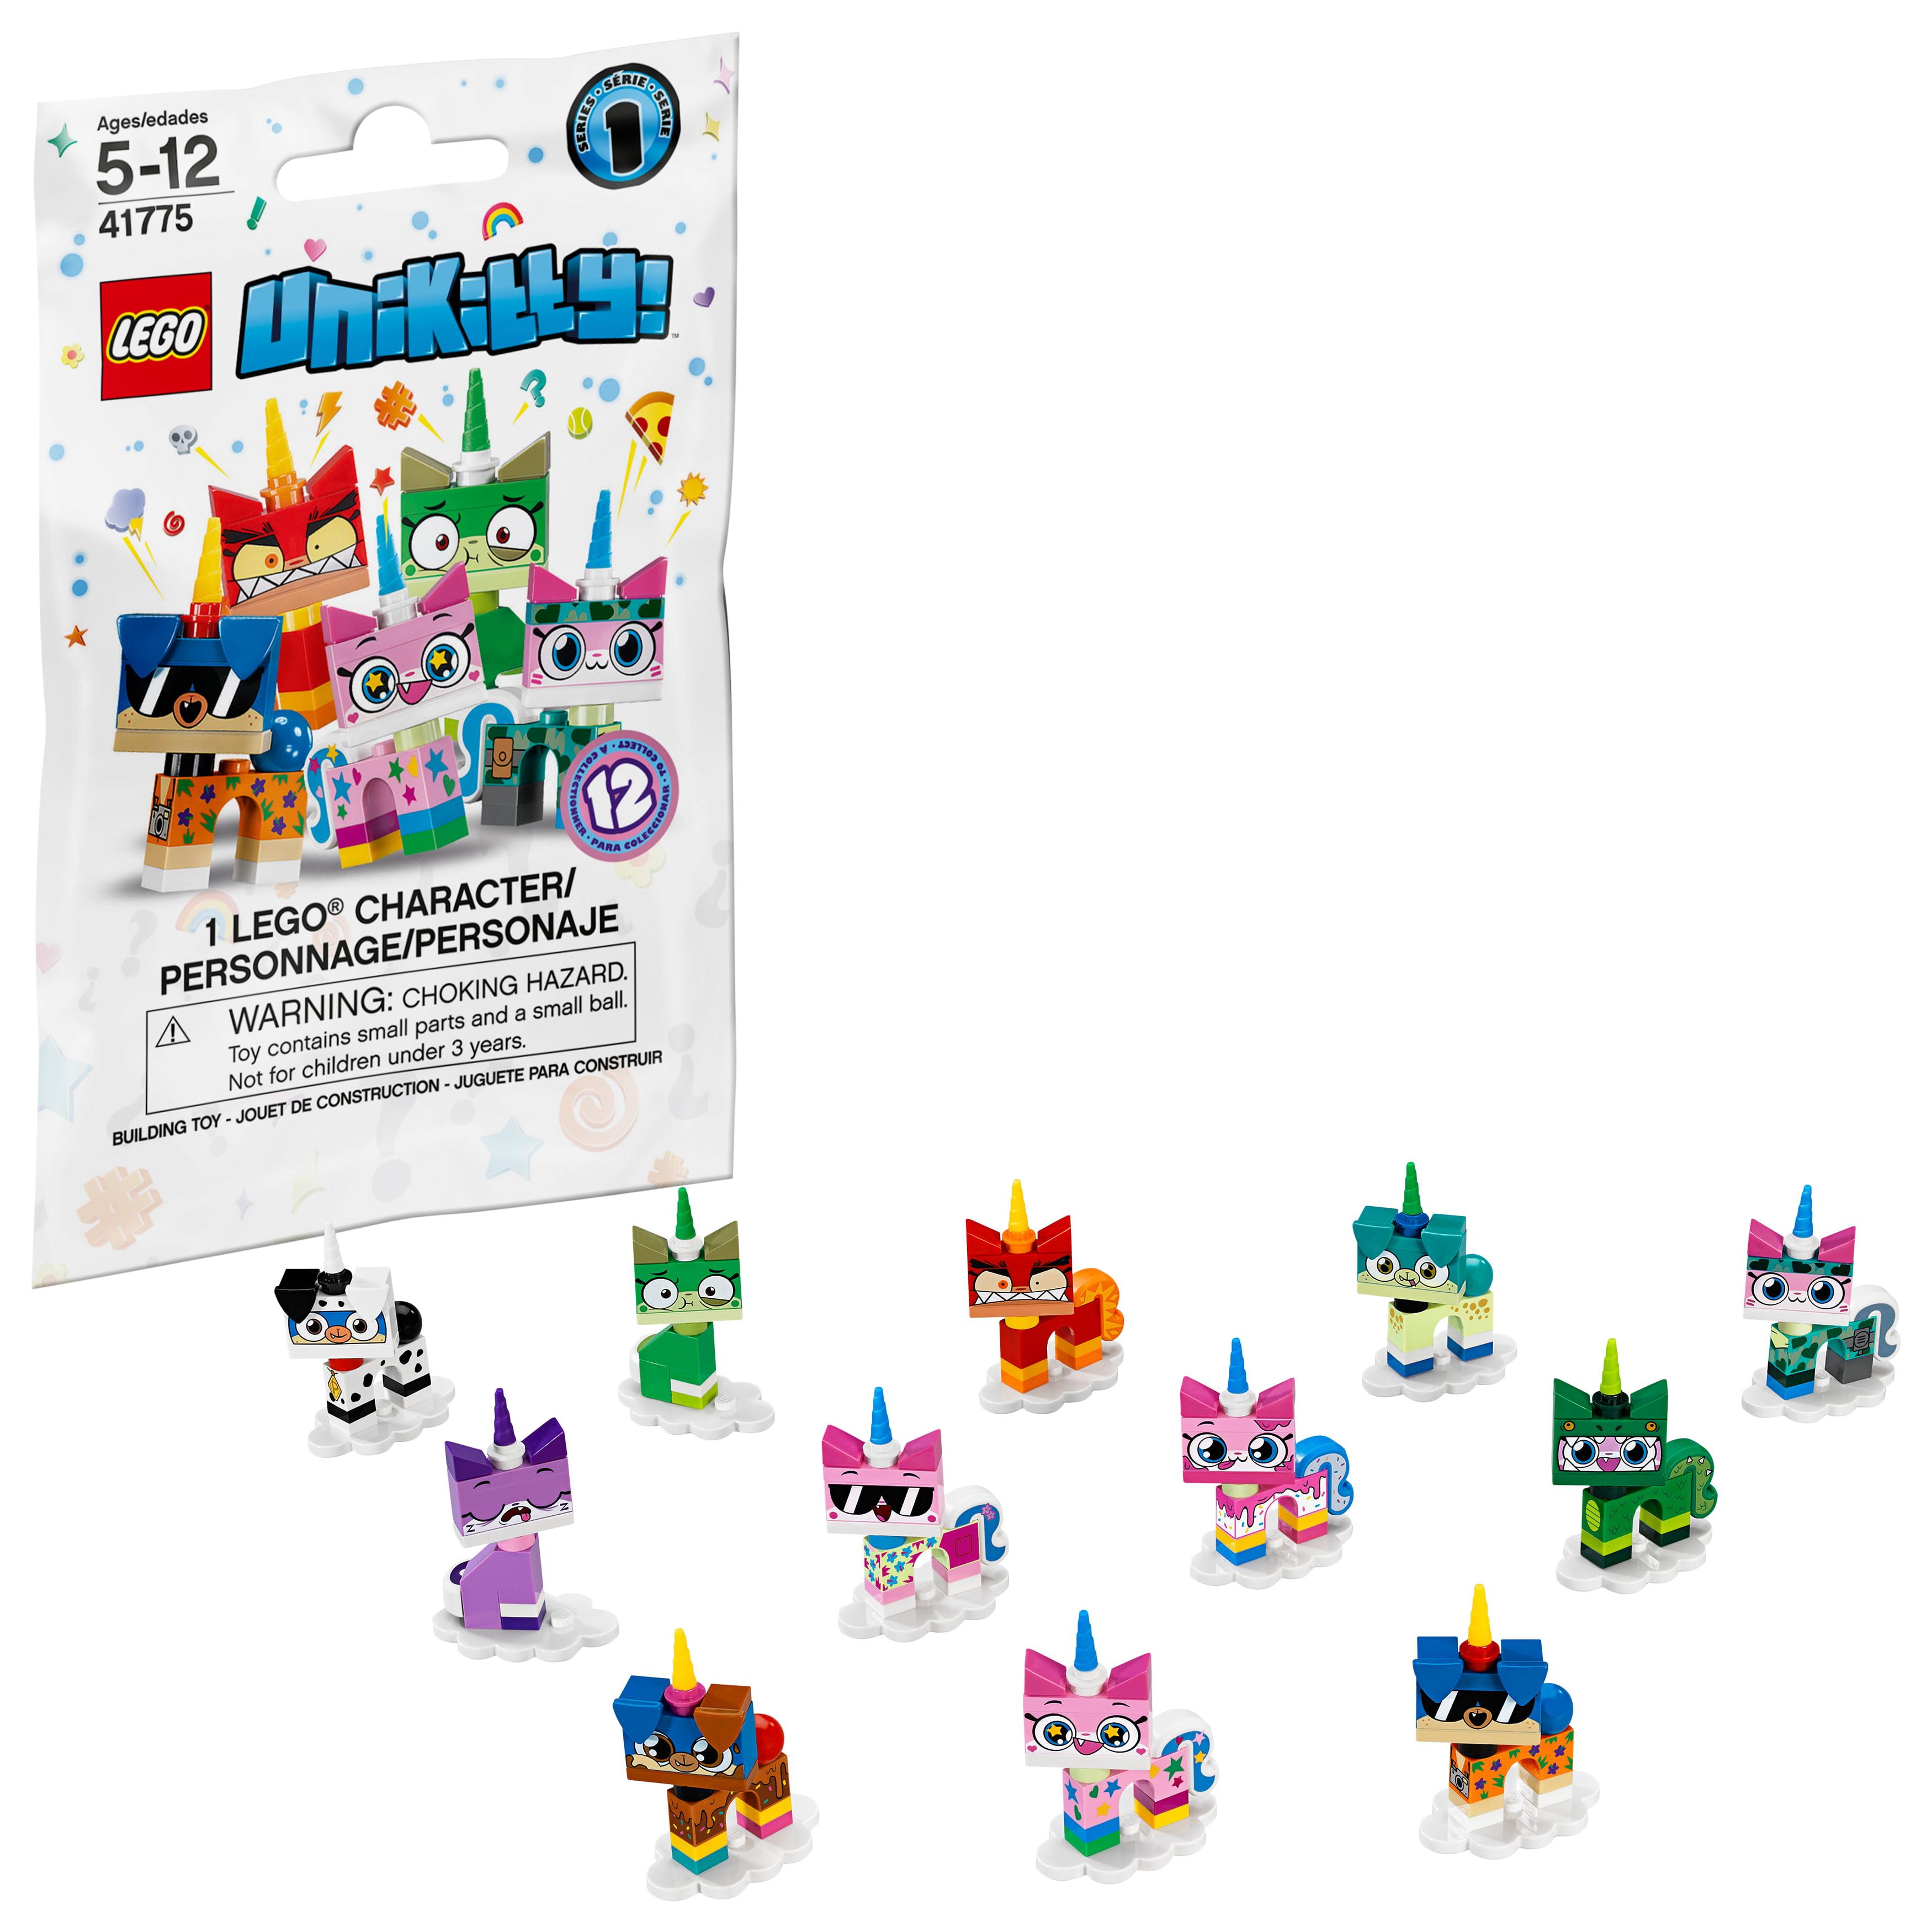 LEGO Unikitty Unikitty™! Collectibles Series 1 41775